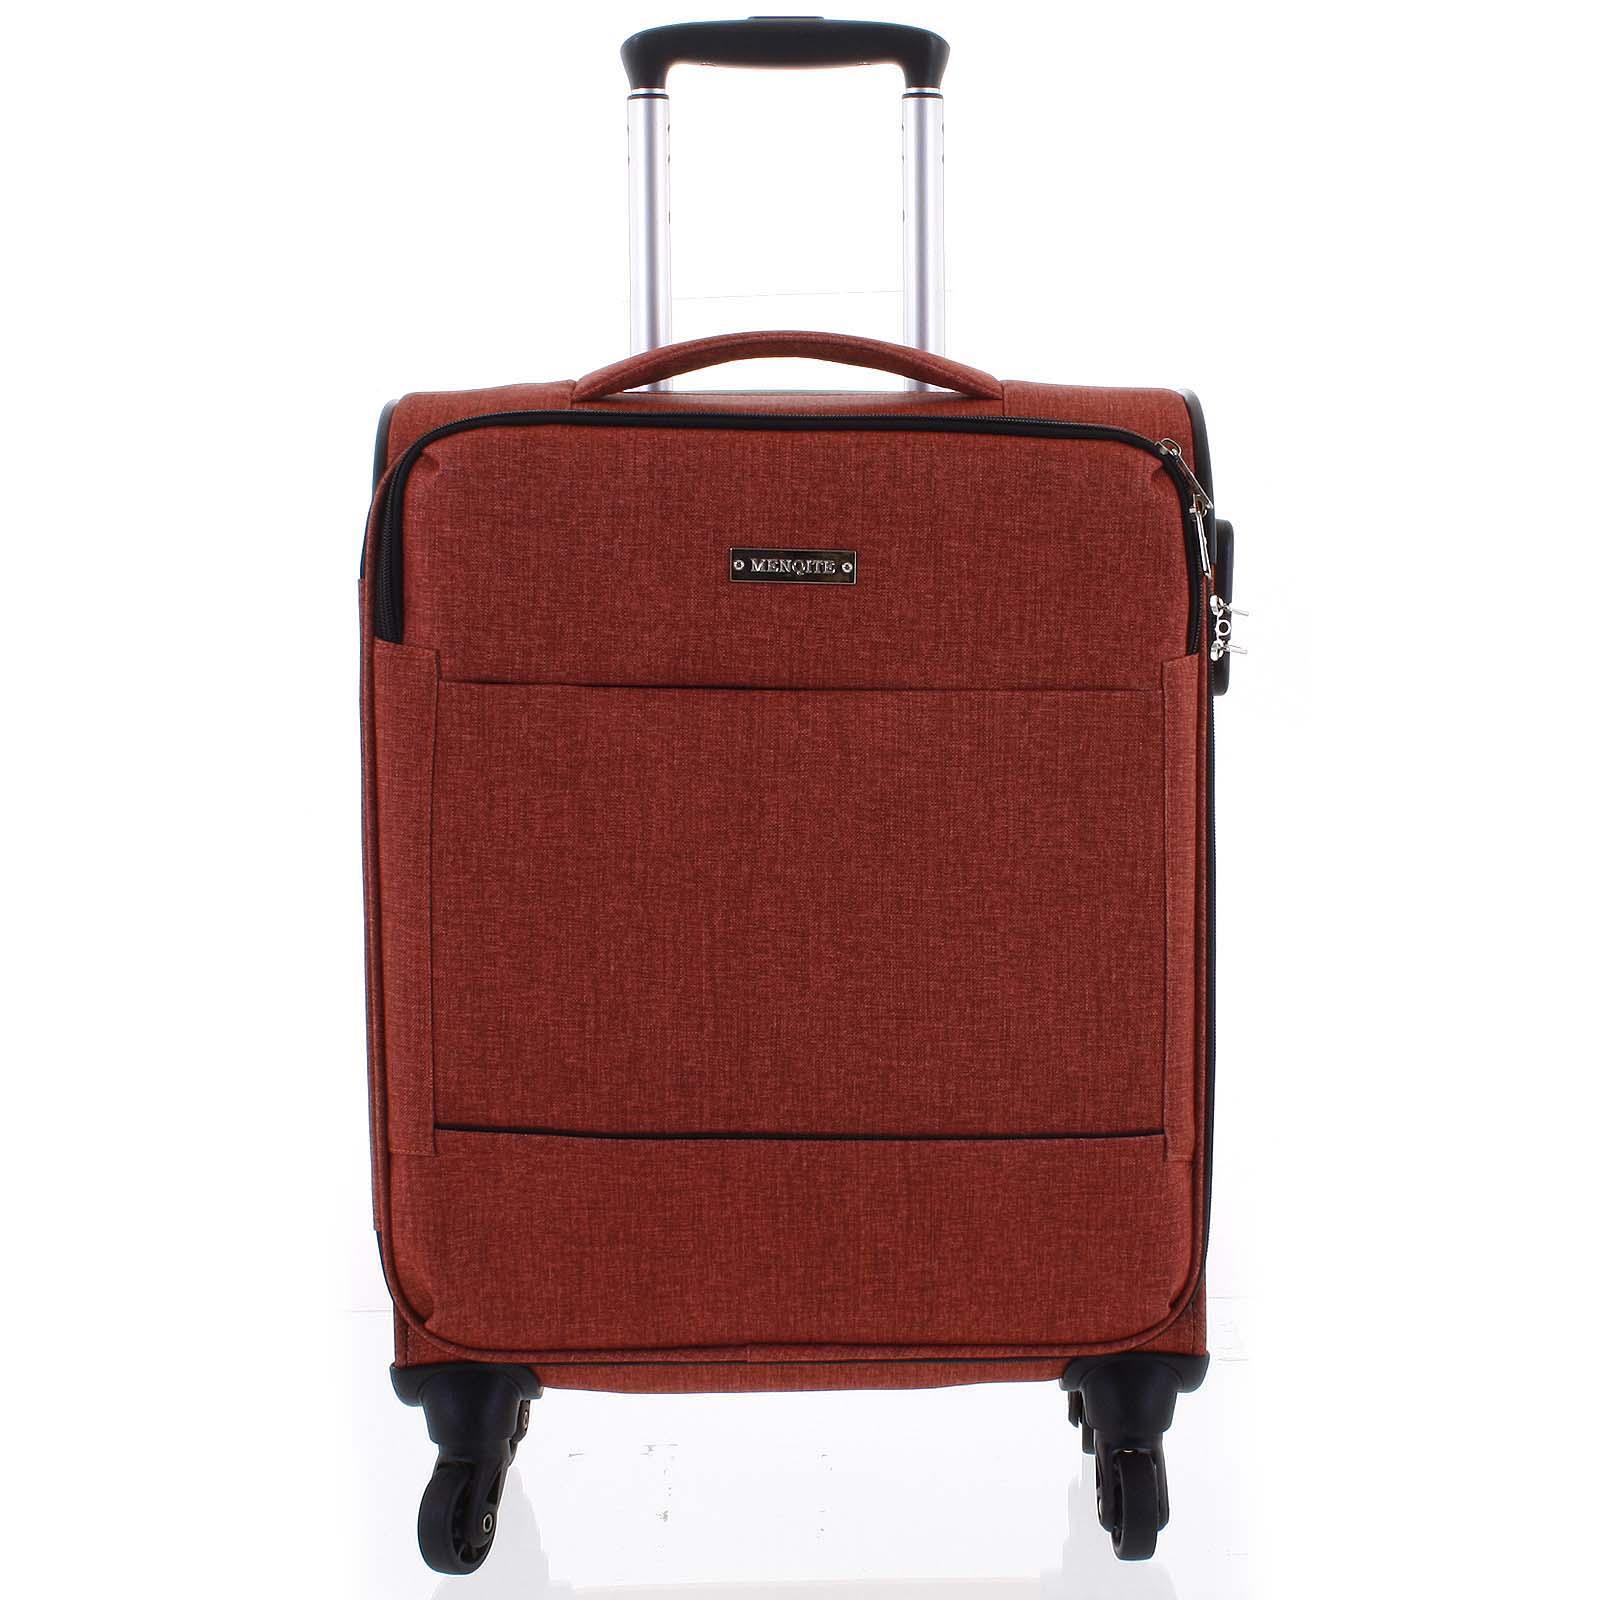 Odľahčený cestovný kufor malinovo červený - Menqite Kisar L